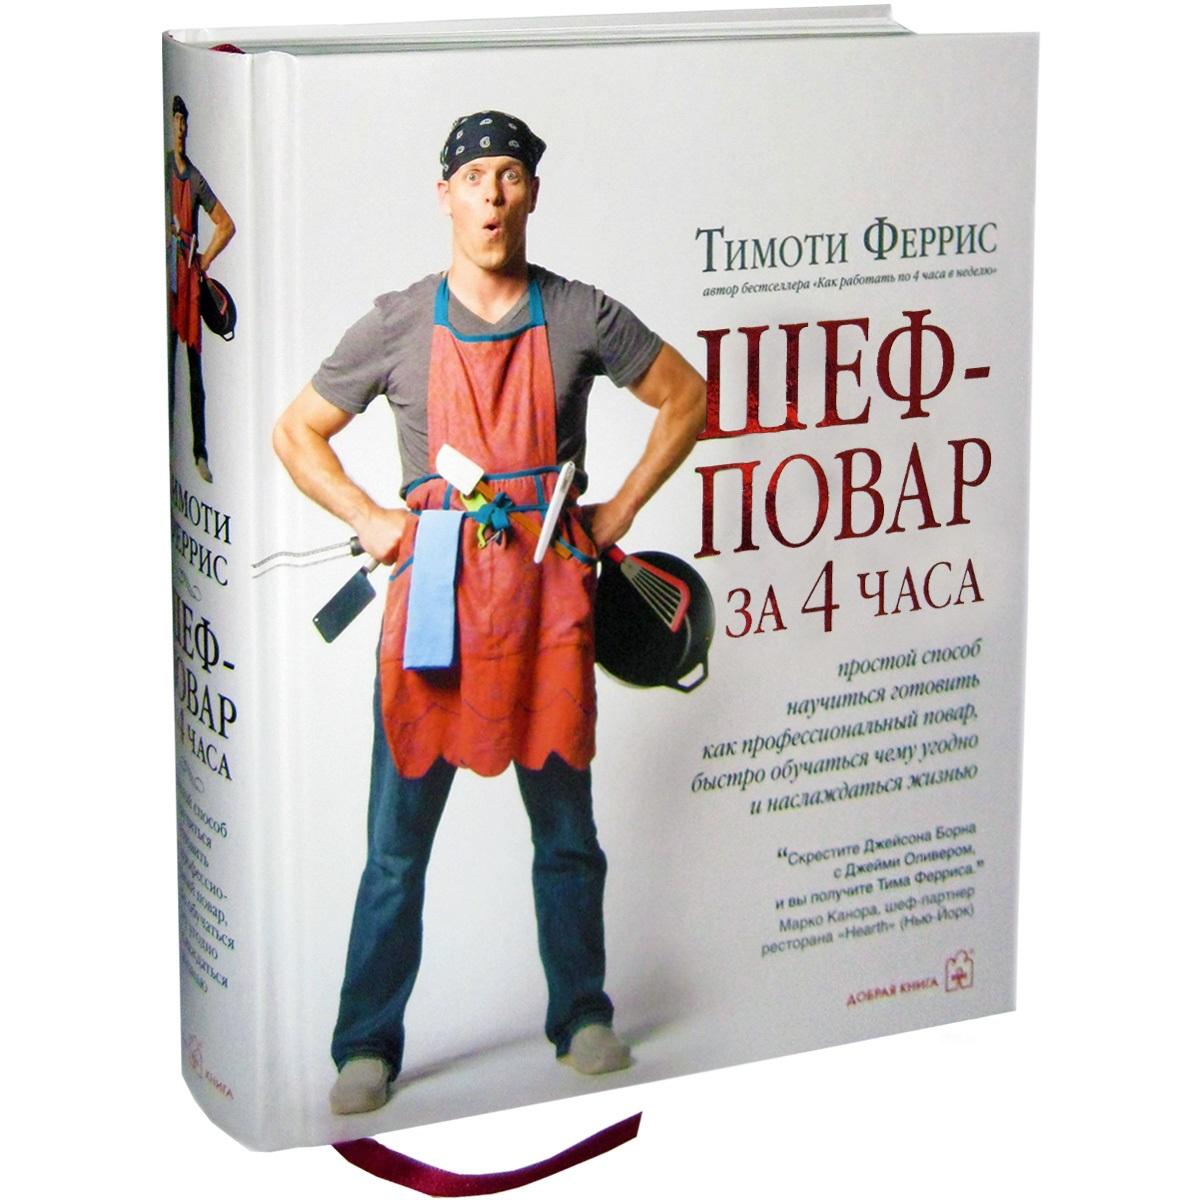 Шеф-повар за 4 часа. Простой способ научиться готовить как профессиональный повар, быстро обучаться чему угодно и наслаждаться жизнью